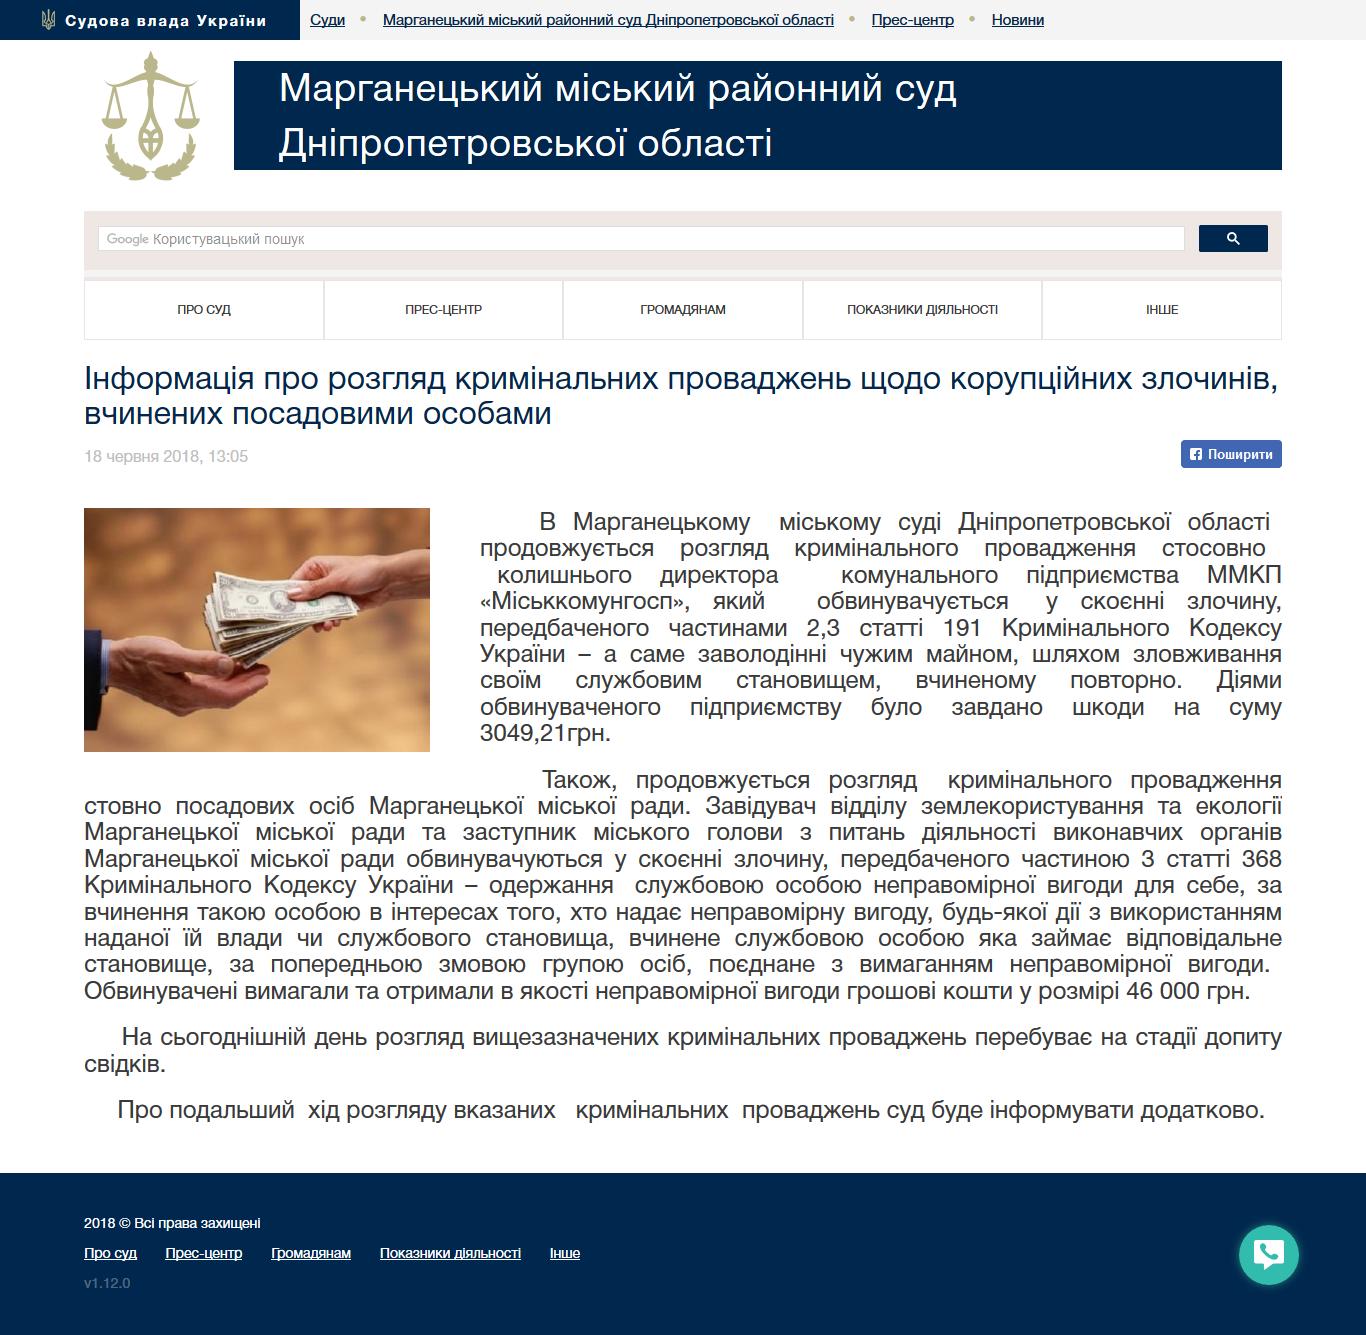 Screenshot_2018-09-10 Інформація про розгляд кримінальних проваджень щодо корупційних злочинів, вчинених посадовими особами(1)